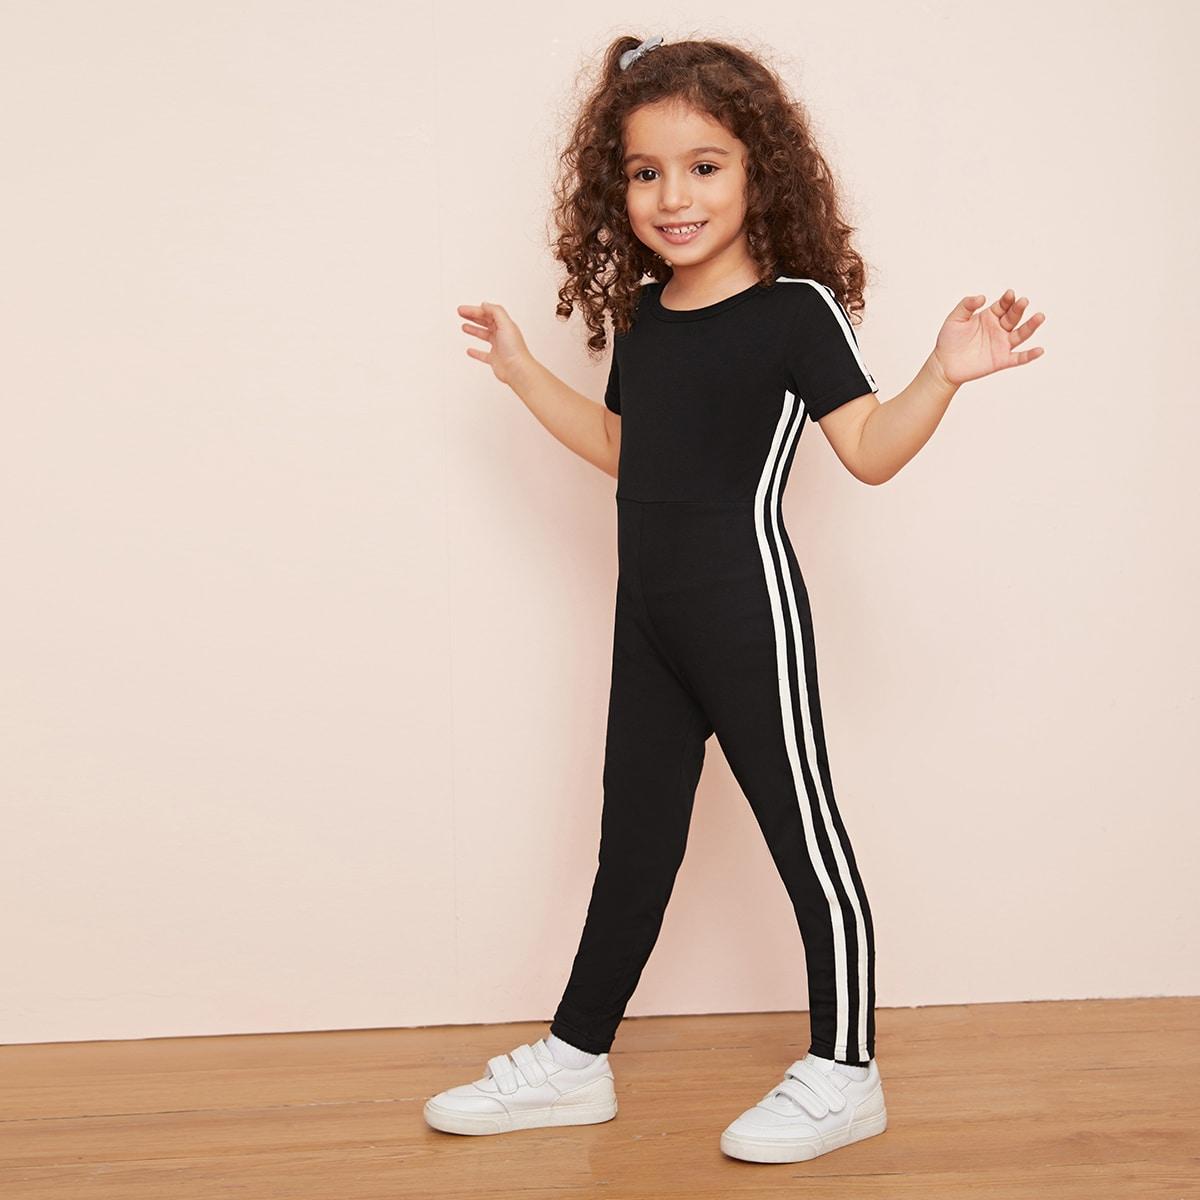 Комбинезон-футболка с полосками для девочек от SHEIN